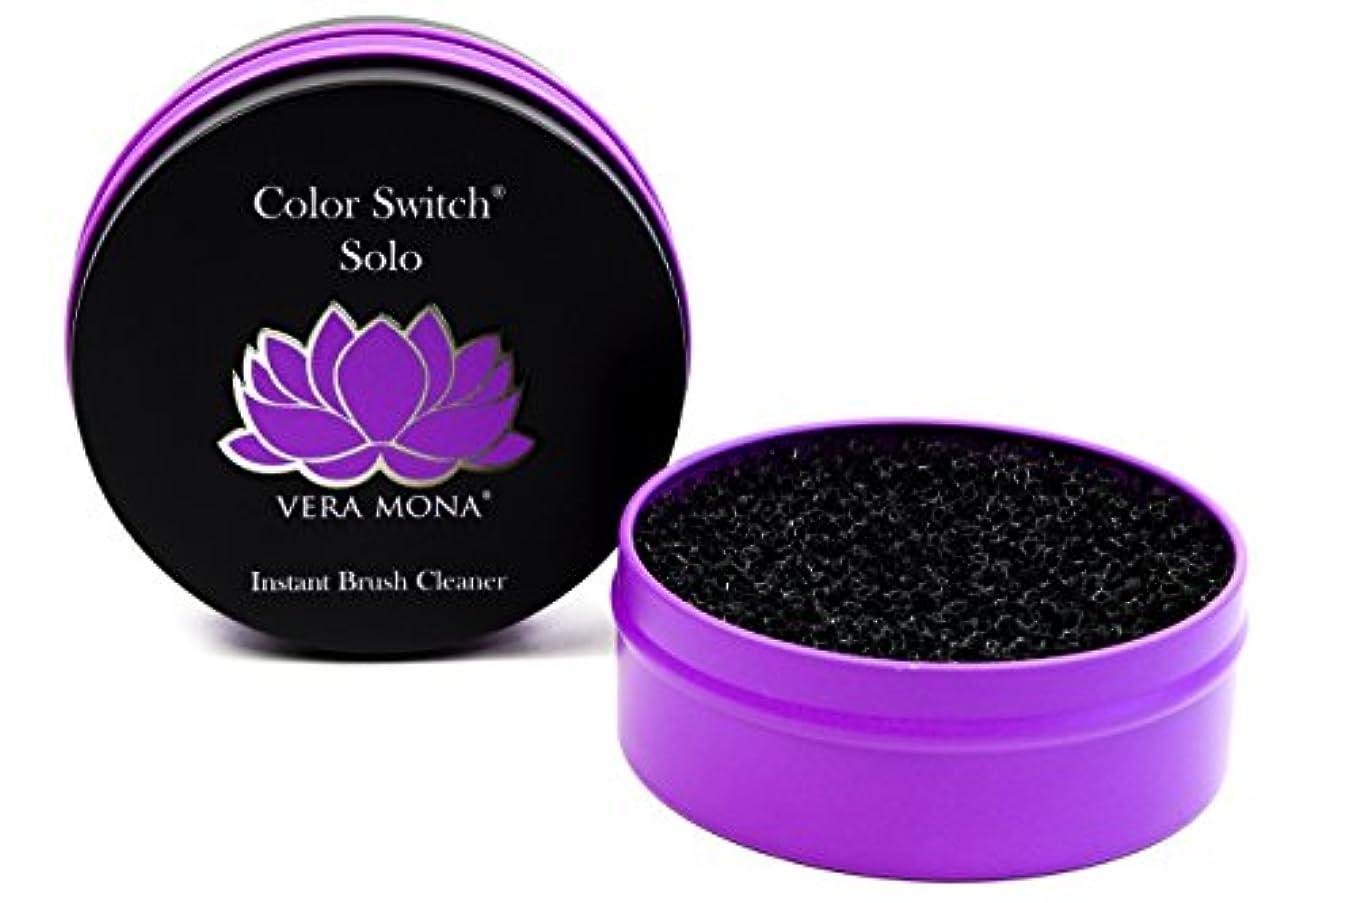 バブル興奮するコイルVera Mona - あなたのブラシから影の色を削除します。 色は、ソロスイッチ 黒銀紫、白